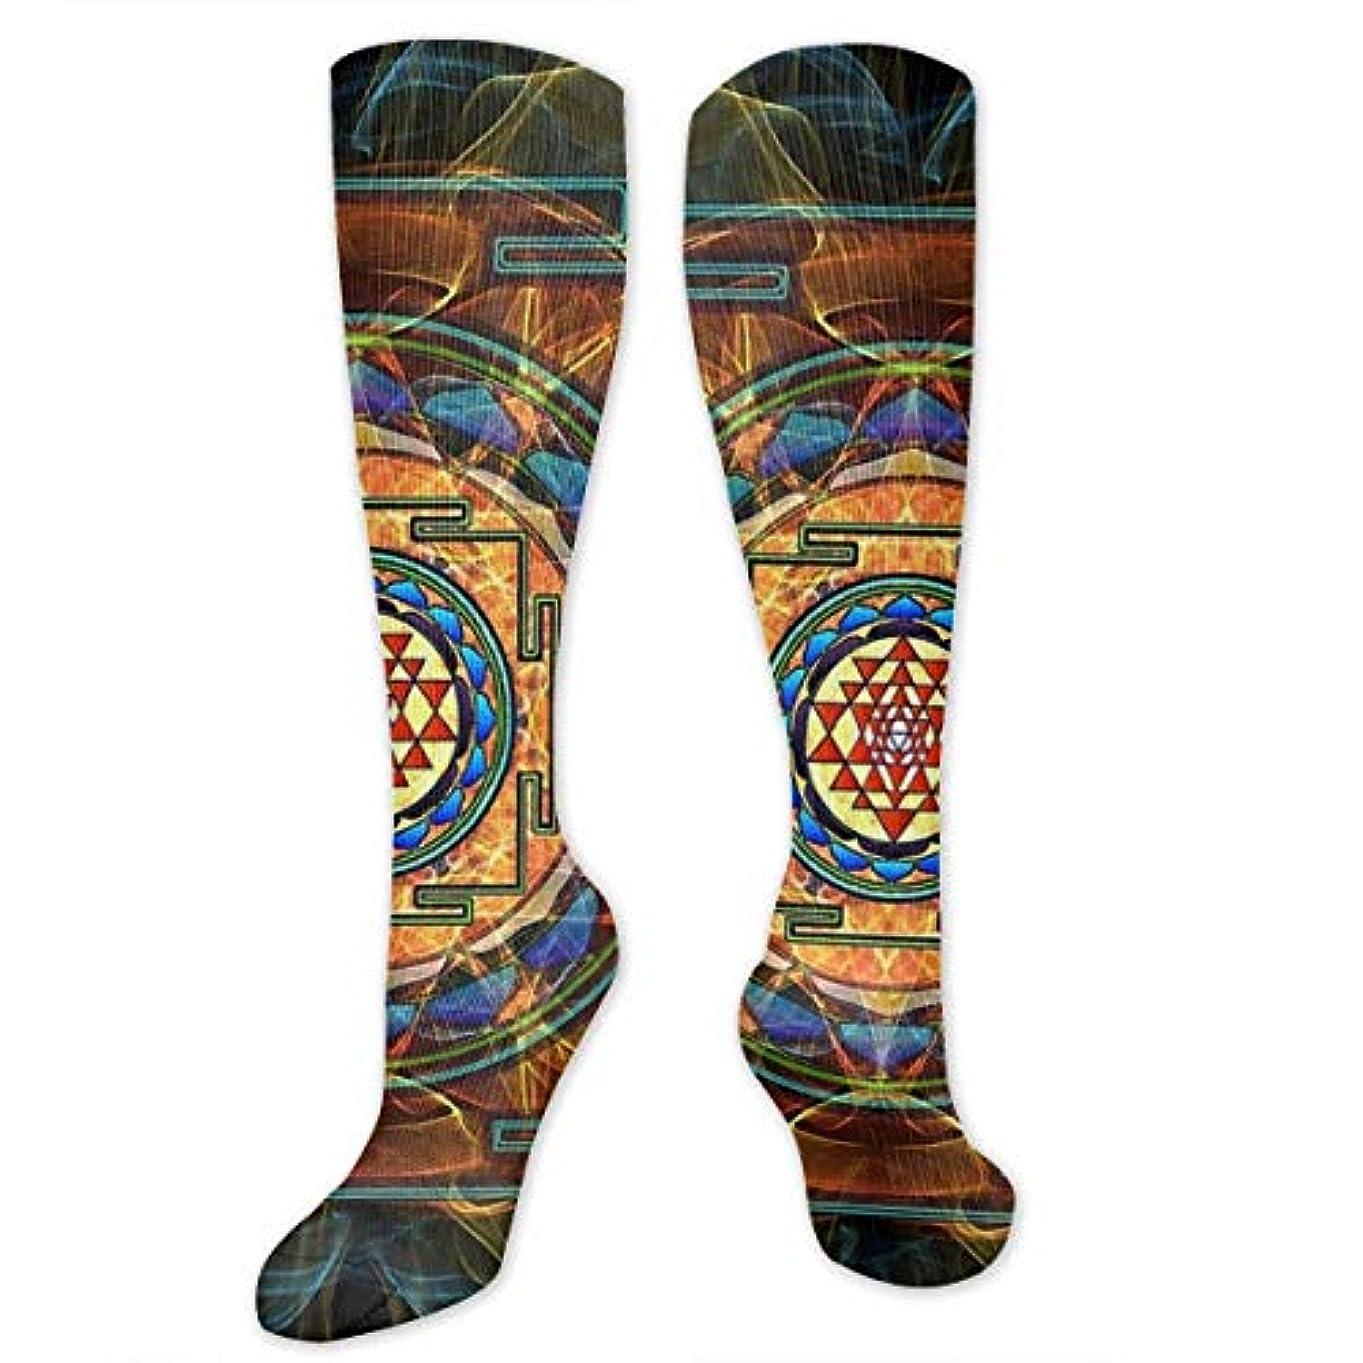 に話す寛容なアセンブリ靴下,ストッキング,野生のジョーカー,実際,秋の本質,冬必須,サマーウェア&RBXAA Sacred Geometry.jpg Socks Women's Winter Cotton Long Tube Socks Knee...